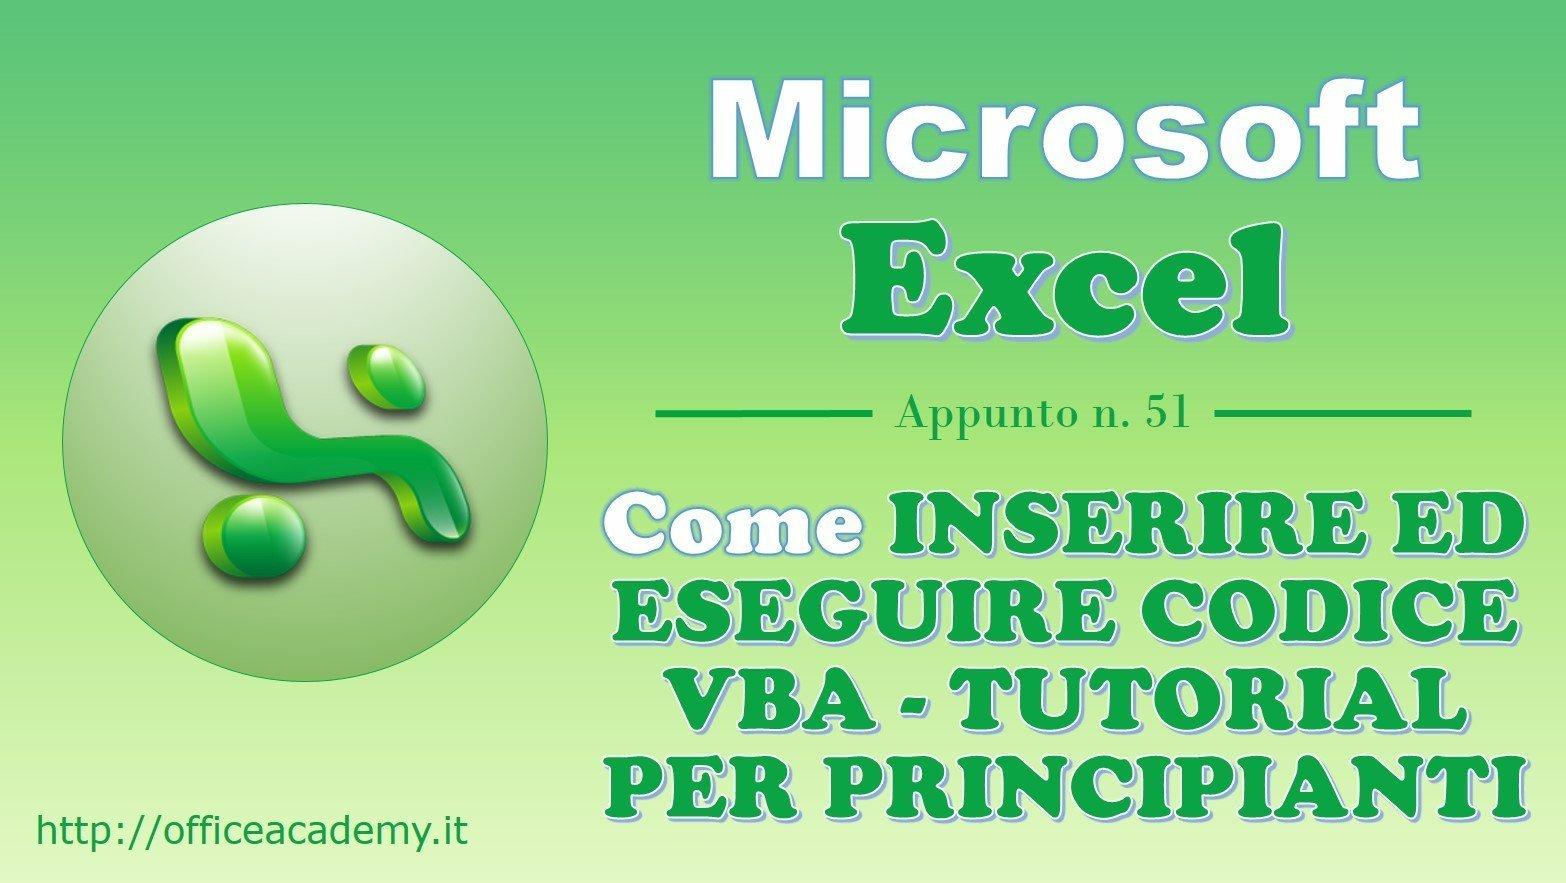 Come inserire ed eseguire codice VBA in Excel - Tutorial per principianti